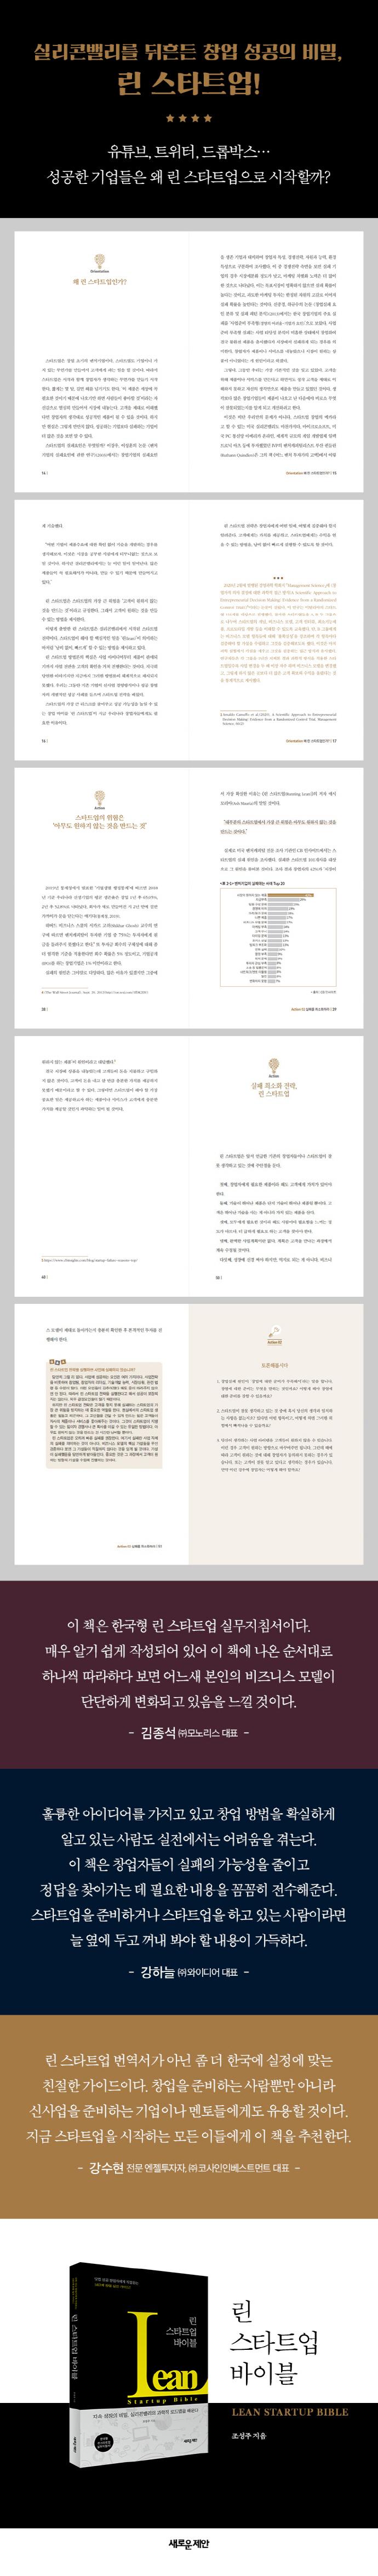 린 스타트업 바이블 도서 상세이미지